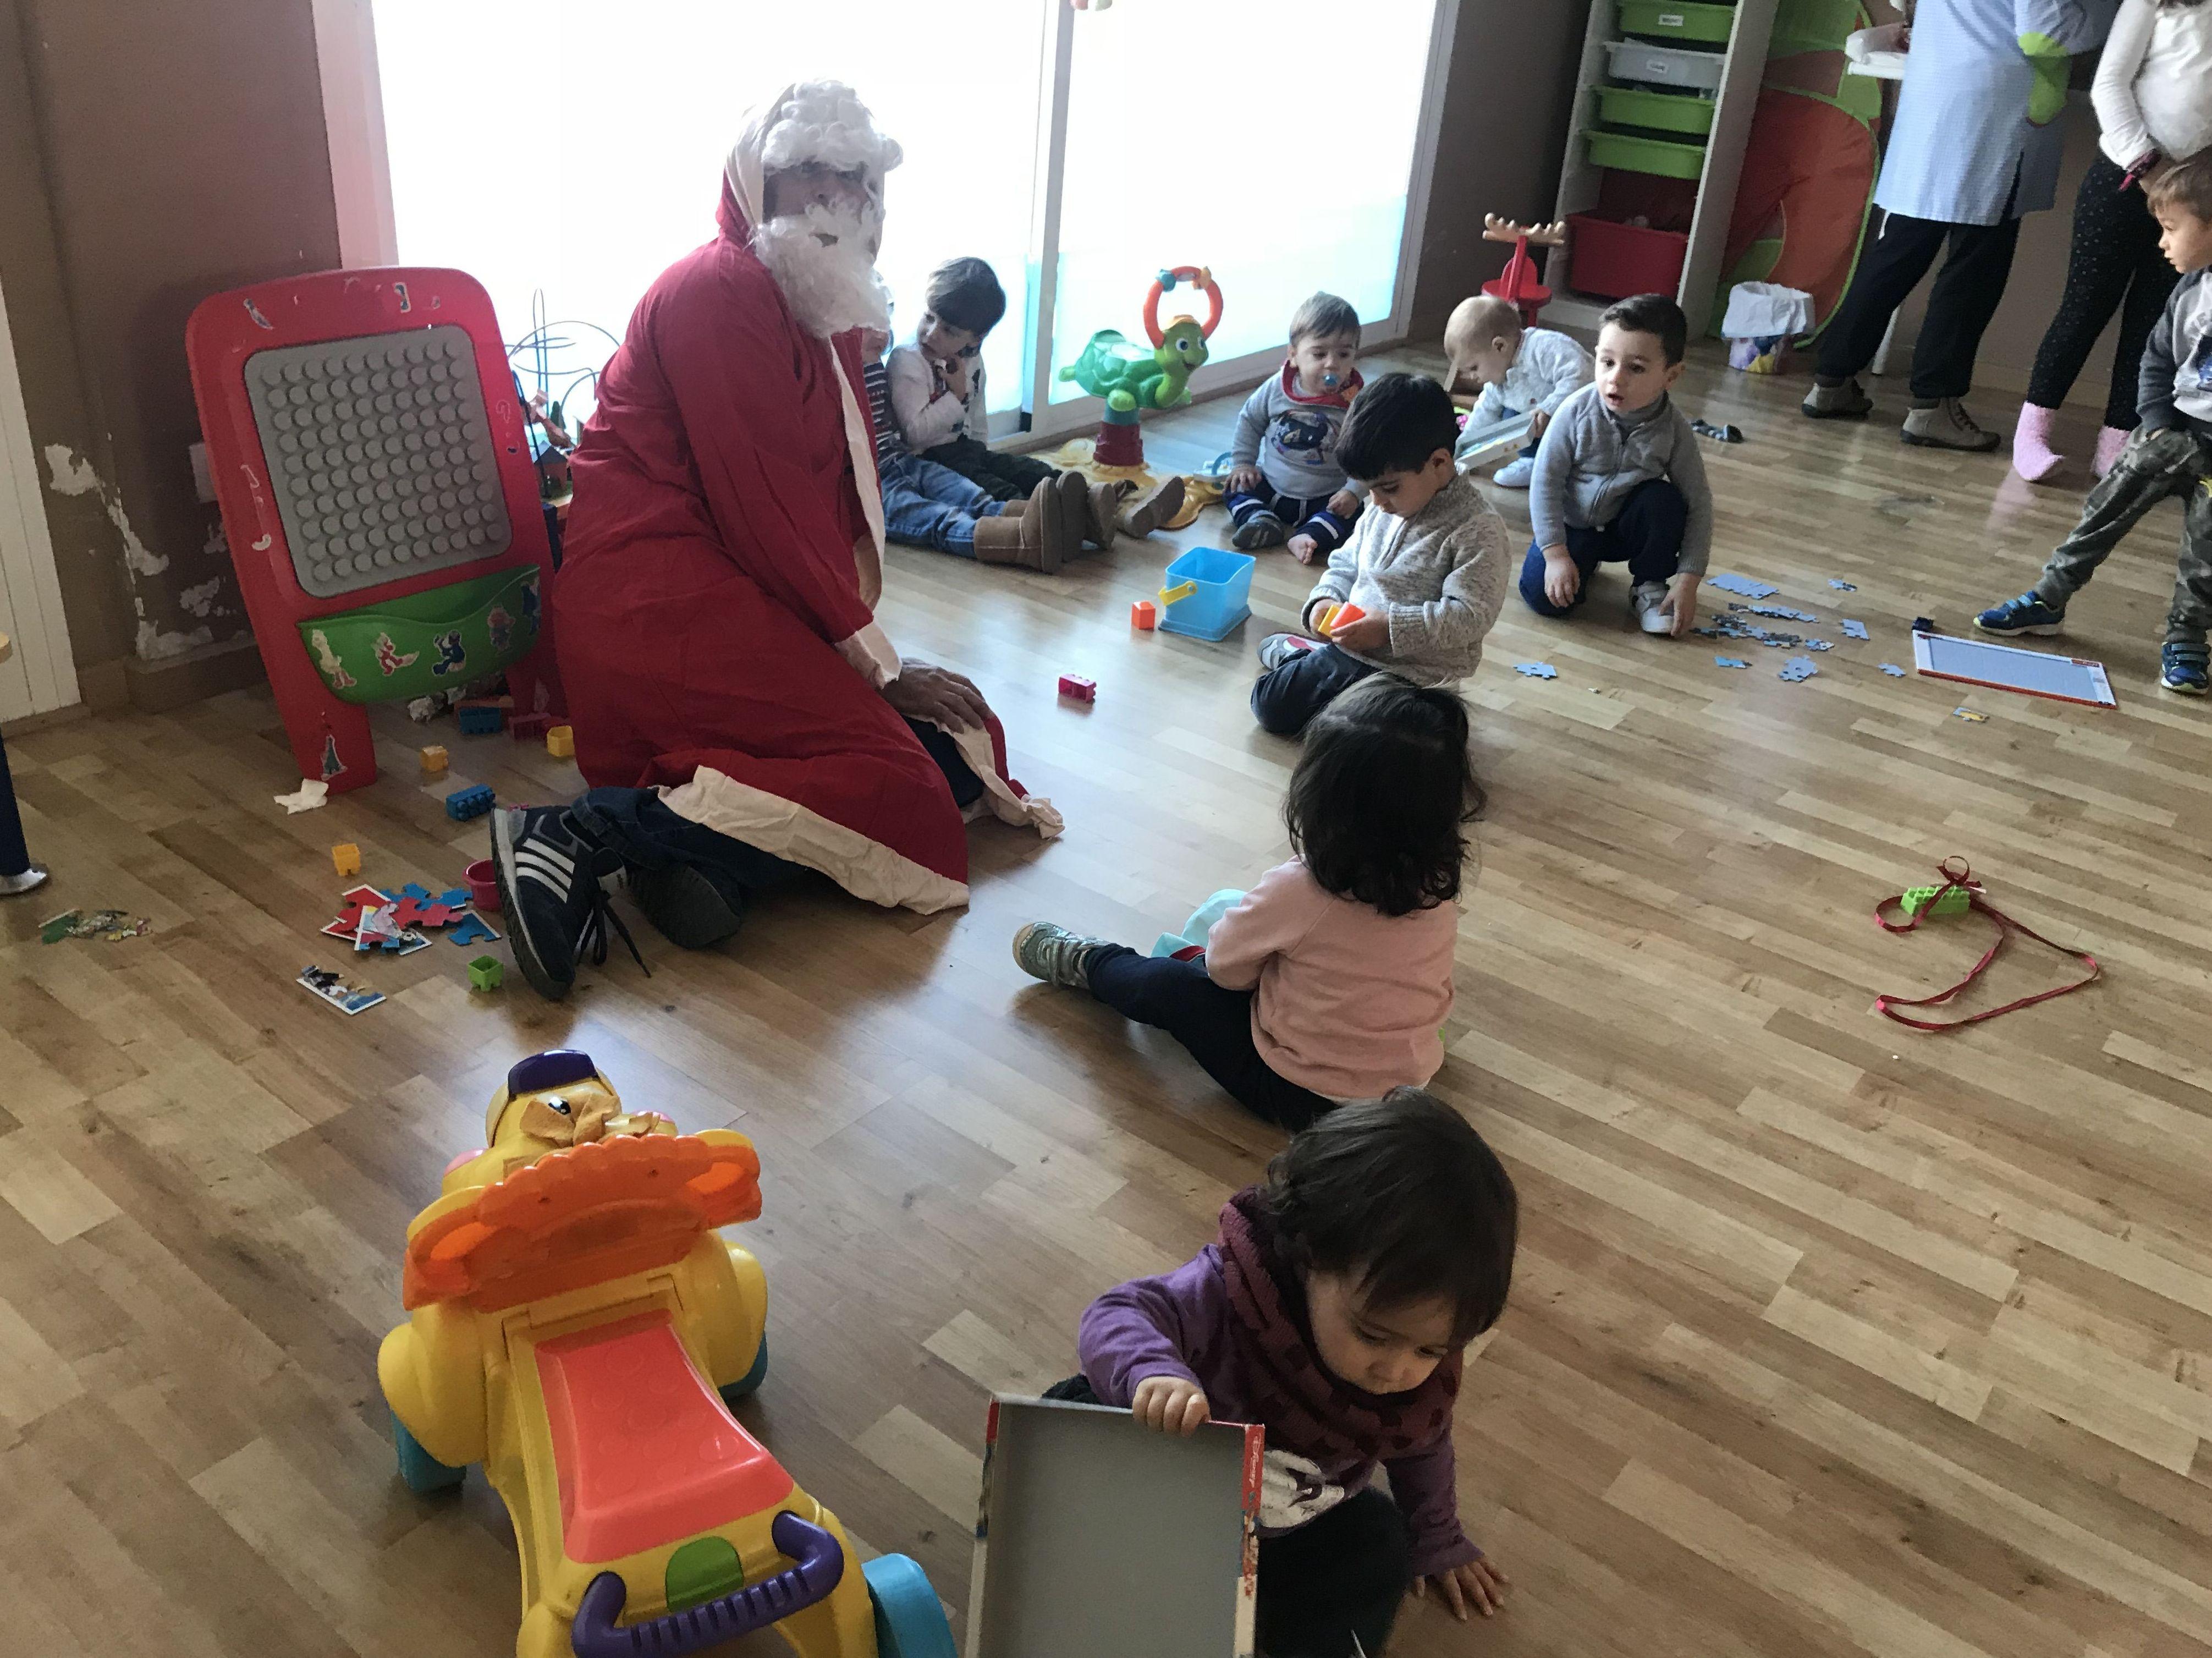 Foto 30 de Escuela infantil para niños de 0 a 3 años en Llucmajor | Escoleta Colibrís